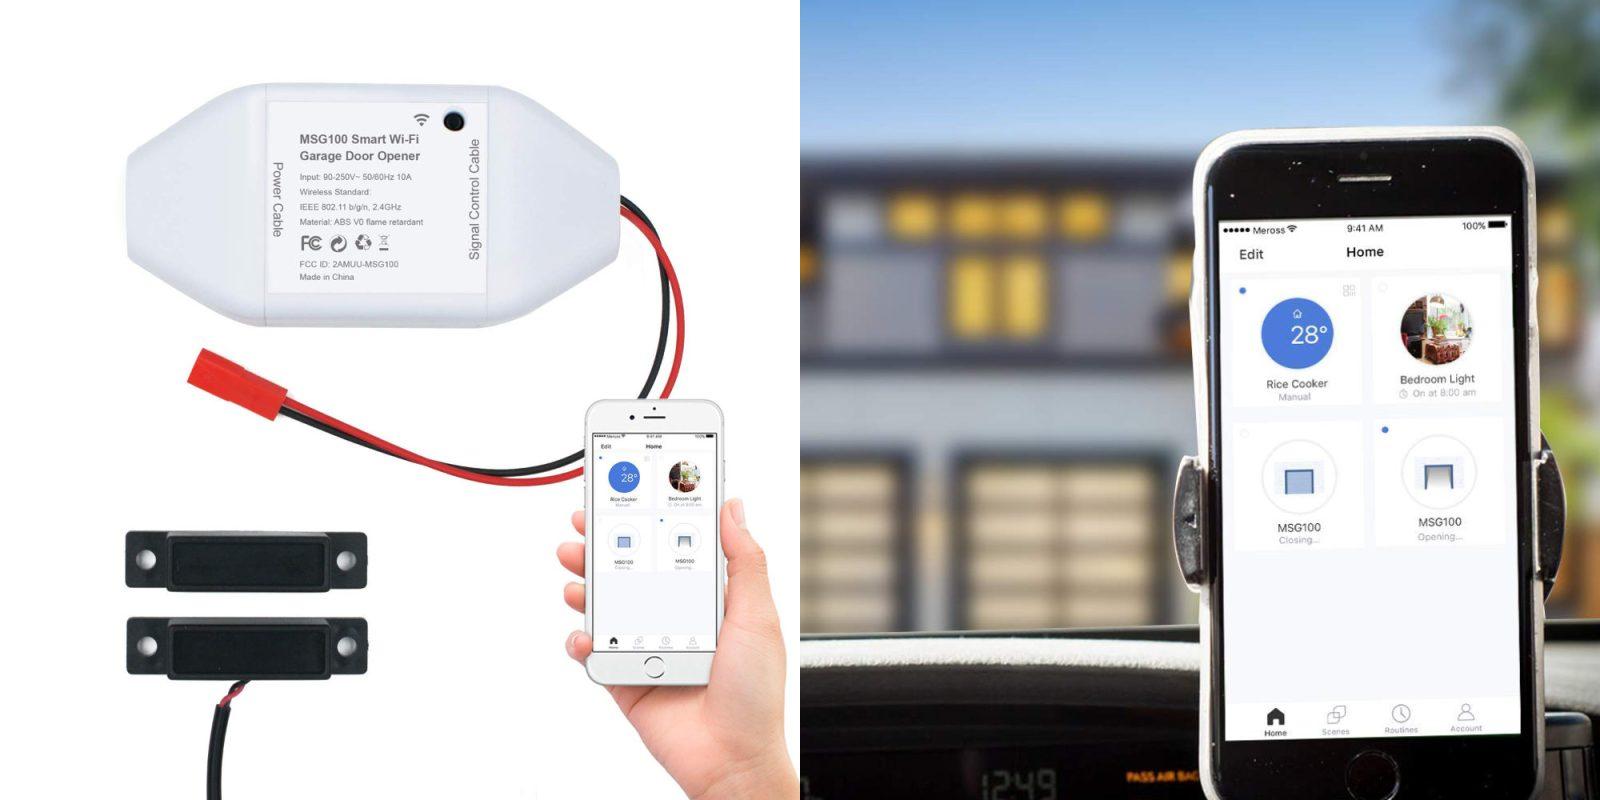 Meross Smart Wi-Fi Garage Door Opener is on sale today for $40 (Reg